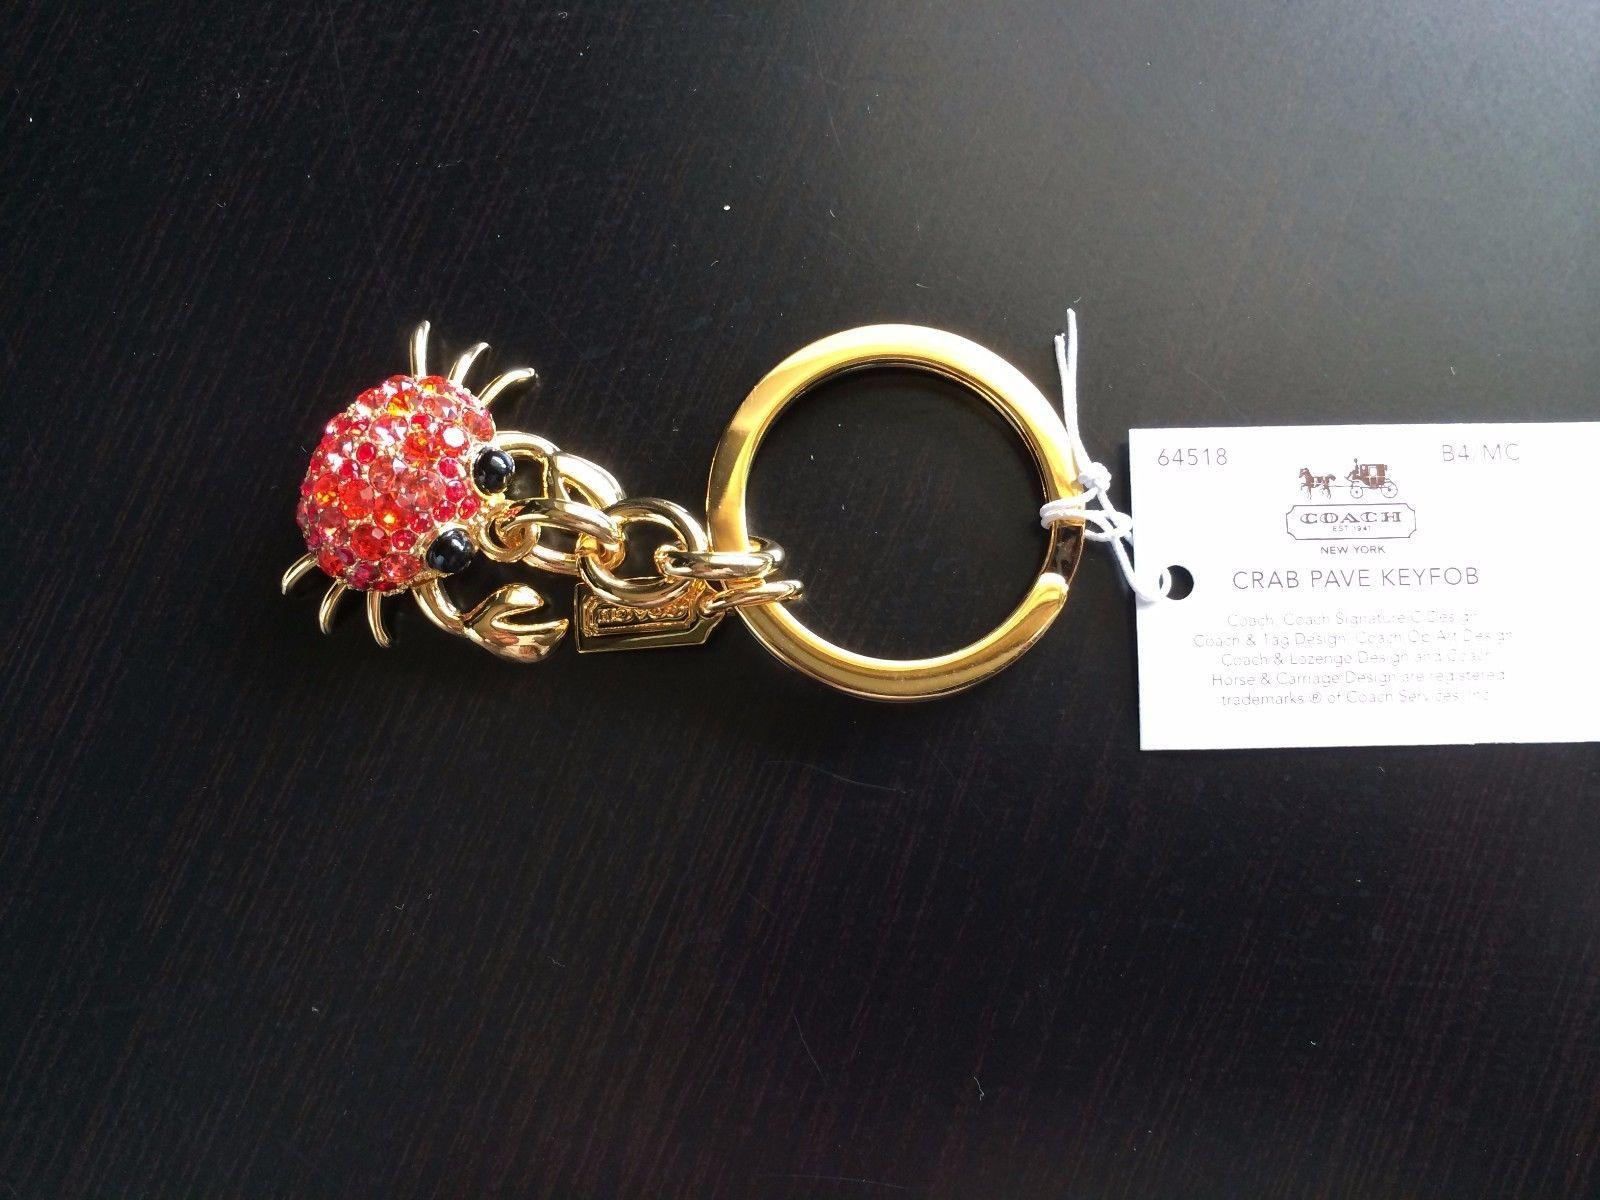 NWT Coach Red Swarovski Crystals Rhinestone Crab Key Fob Keychain Charm 64518